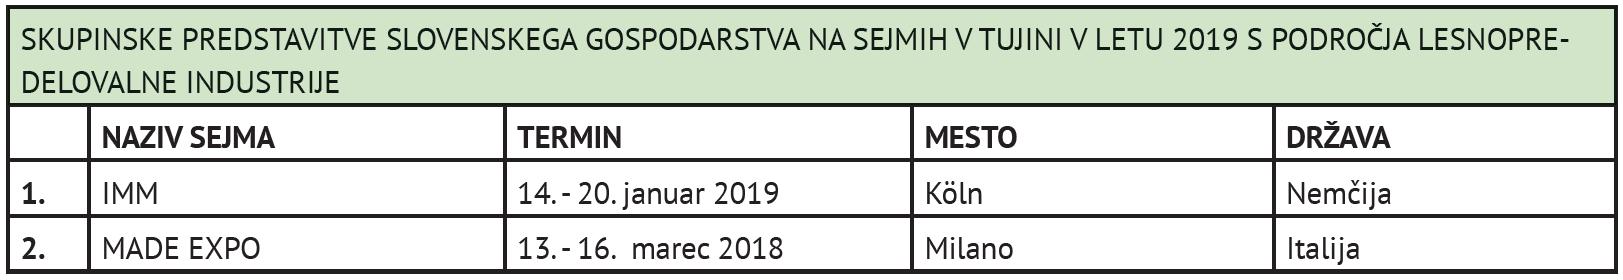 seznam skupinskih predstavitev na sejmih v tujini-tabela-2019